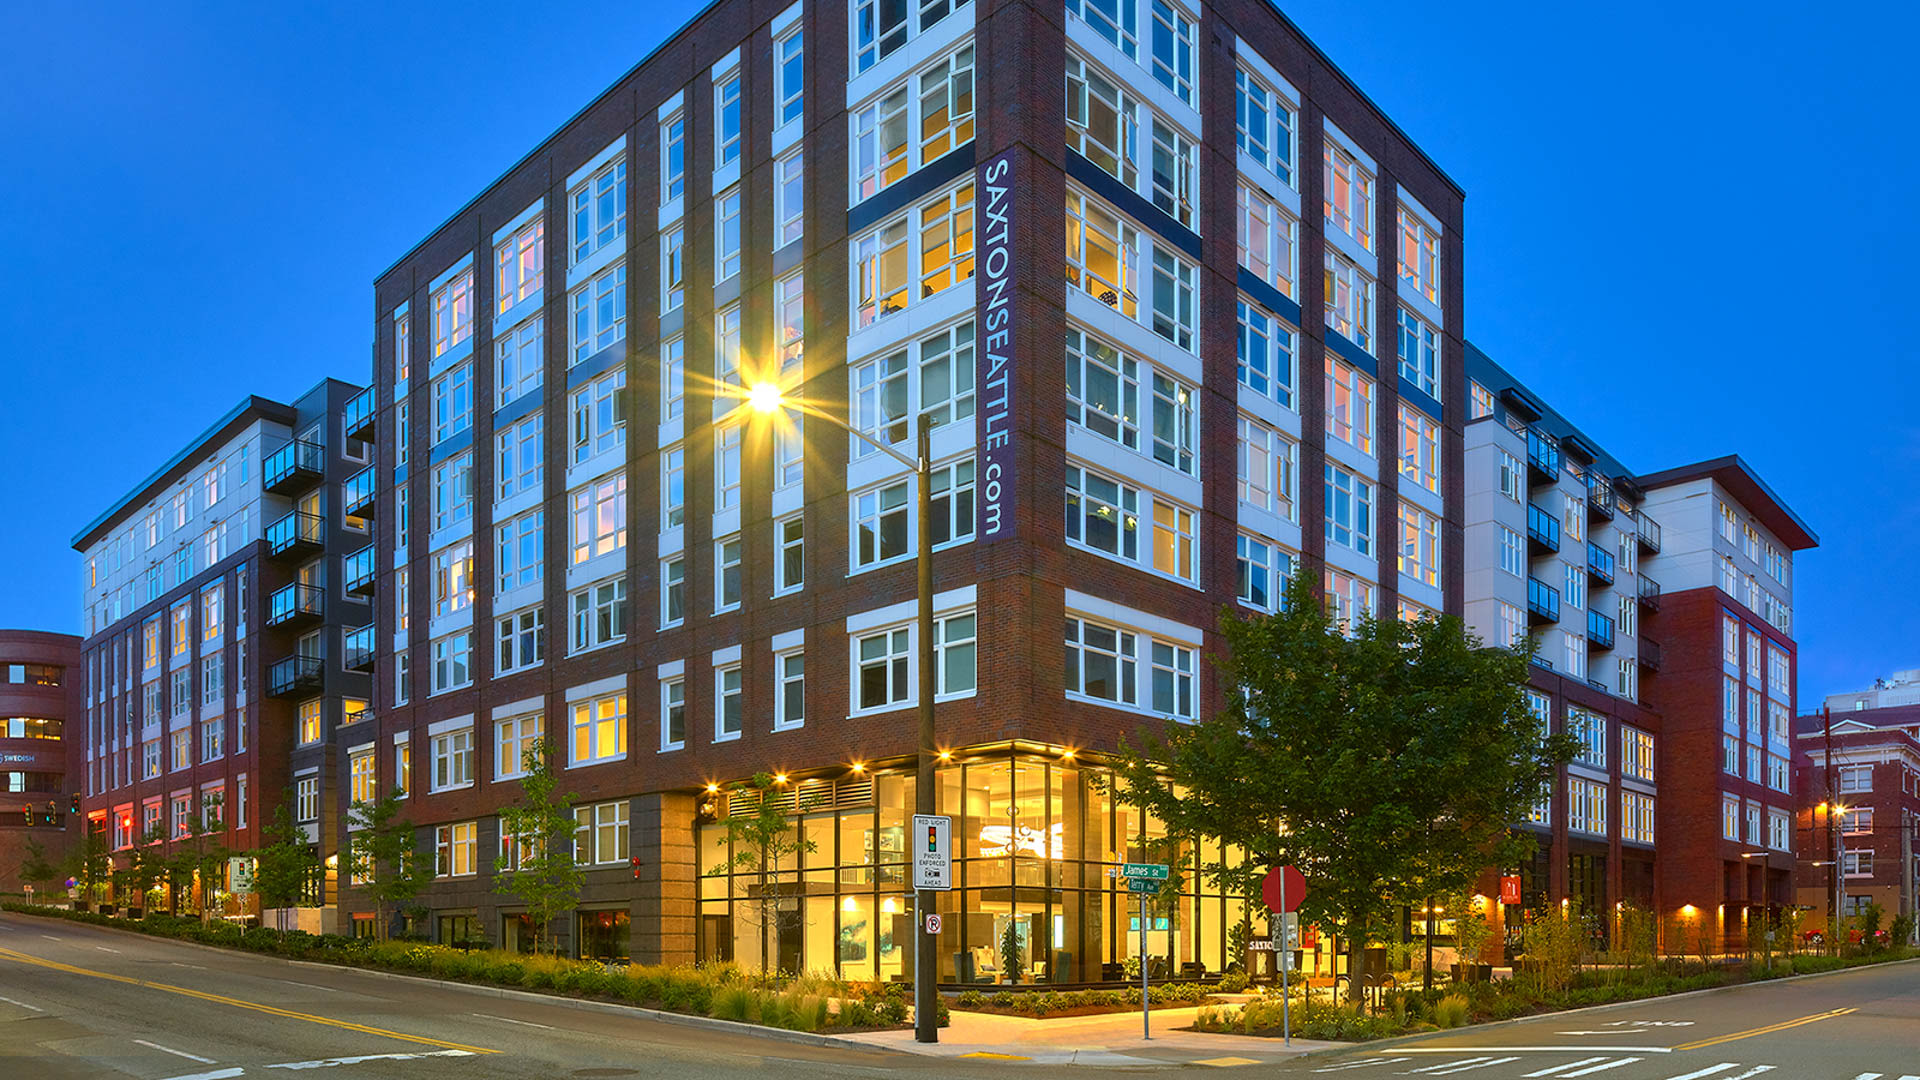 Saxton Apartments - Exterior